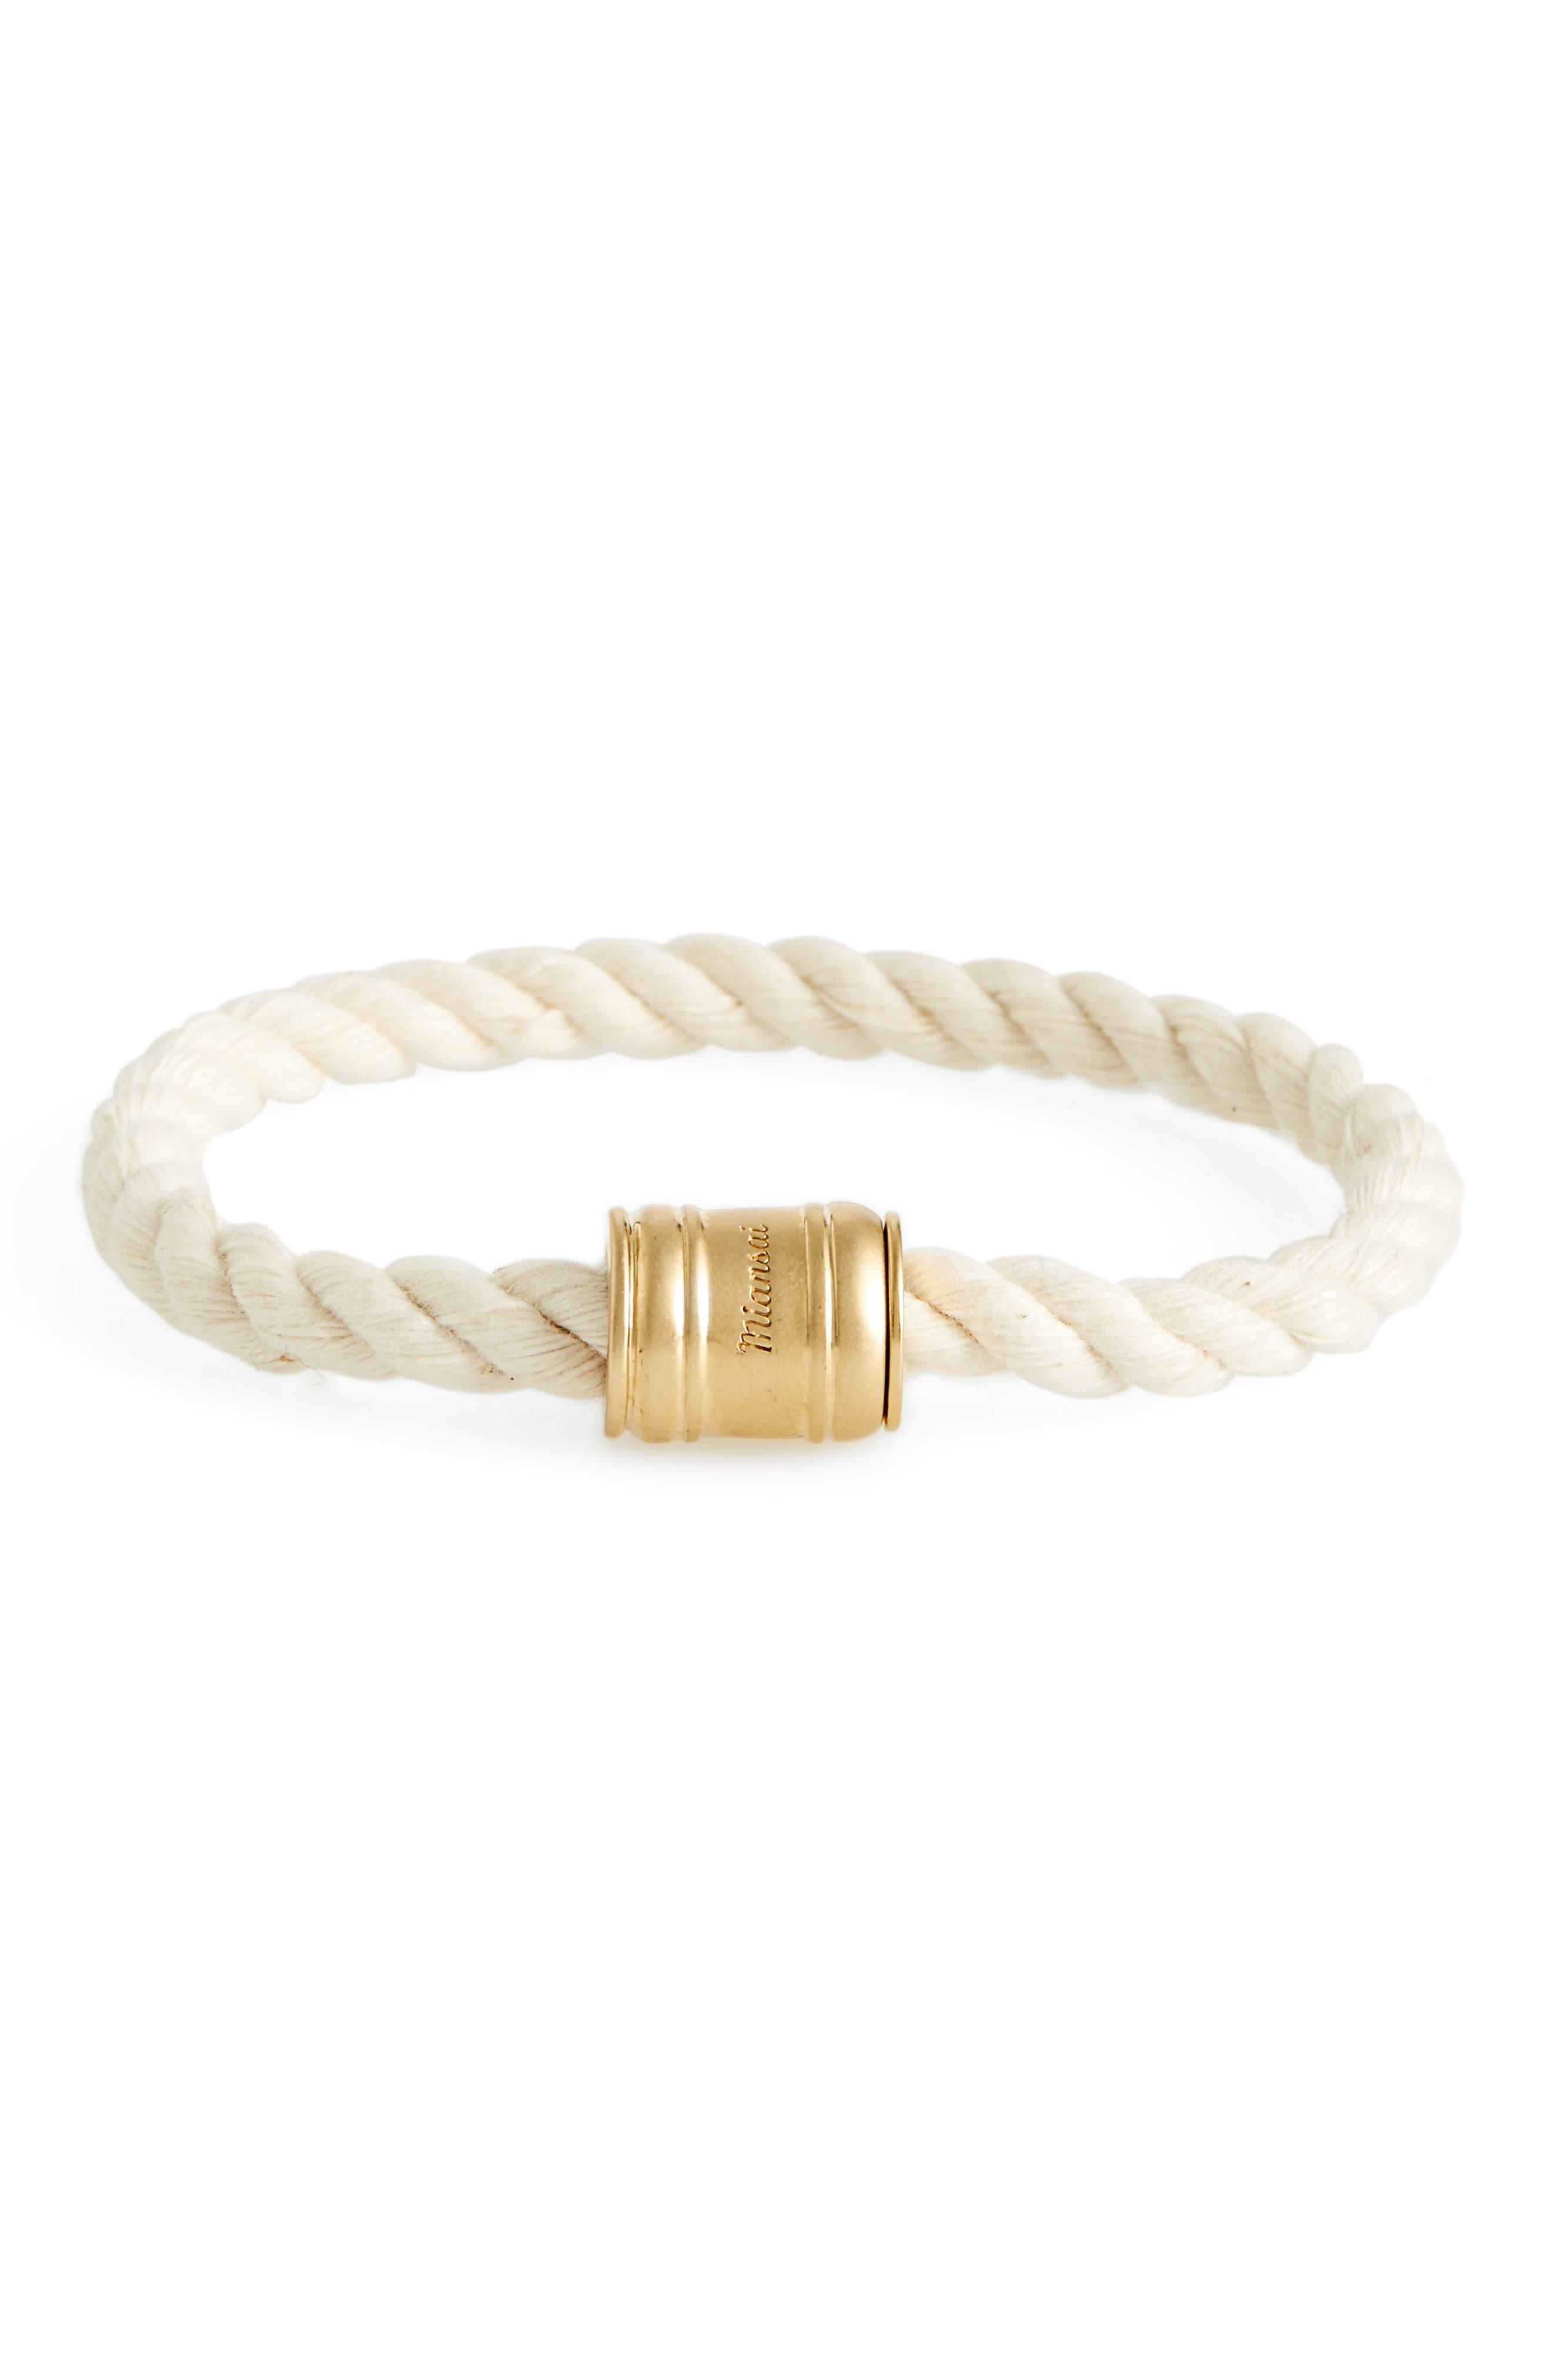 Barrel Casing Rope Bracelet,                         Main,                         color, Natural